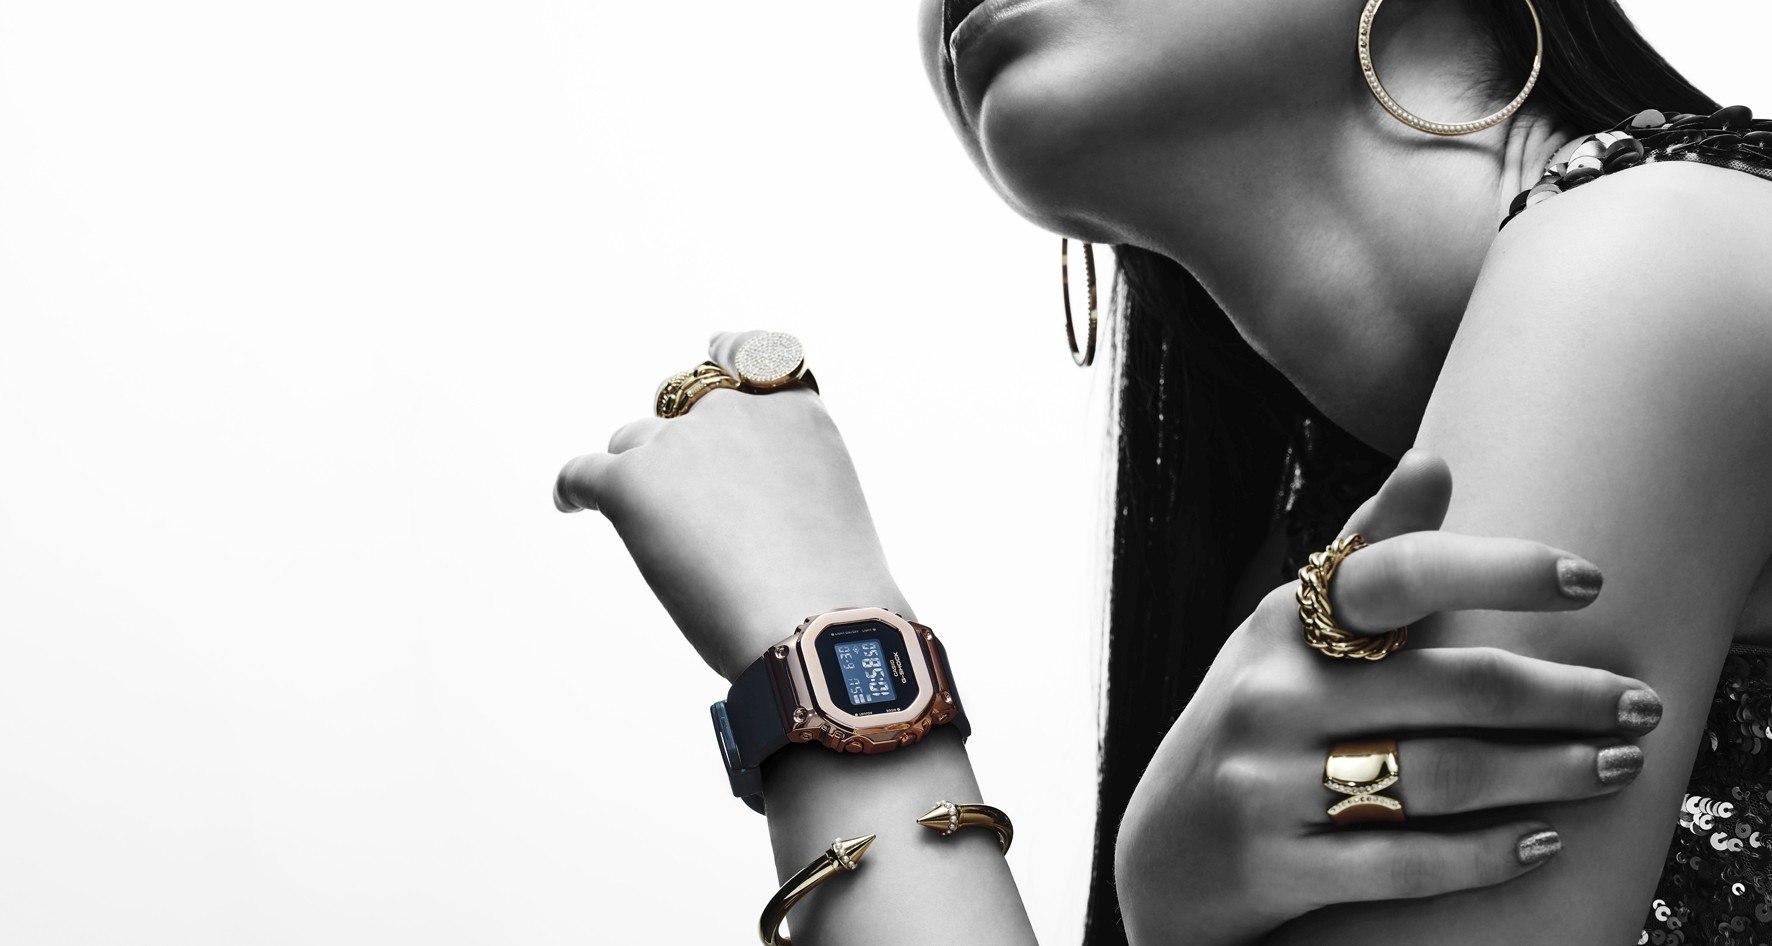 兼具知性簡約與個性型格的仕女錶款:CASIO G-SHOCK GM-S5600系列推出玫瑰金錶圈新款式